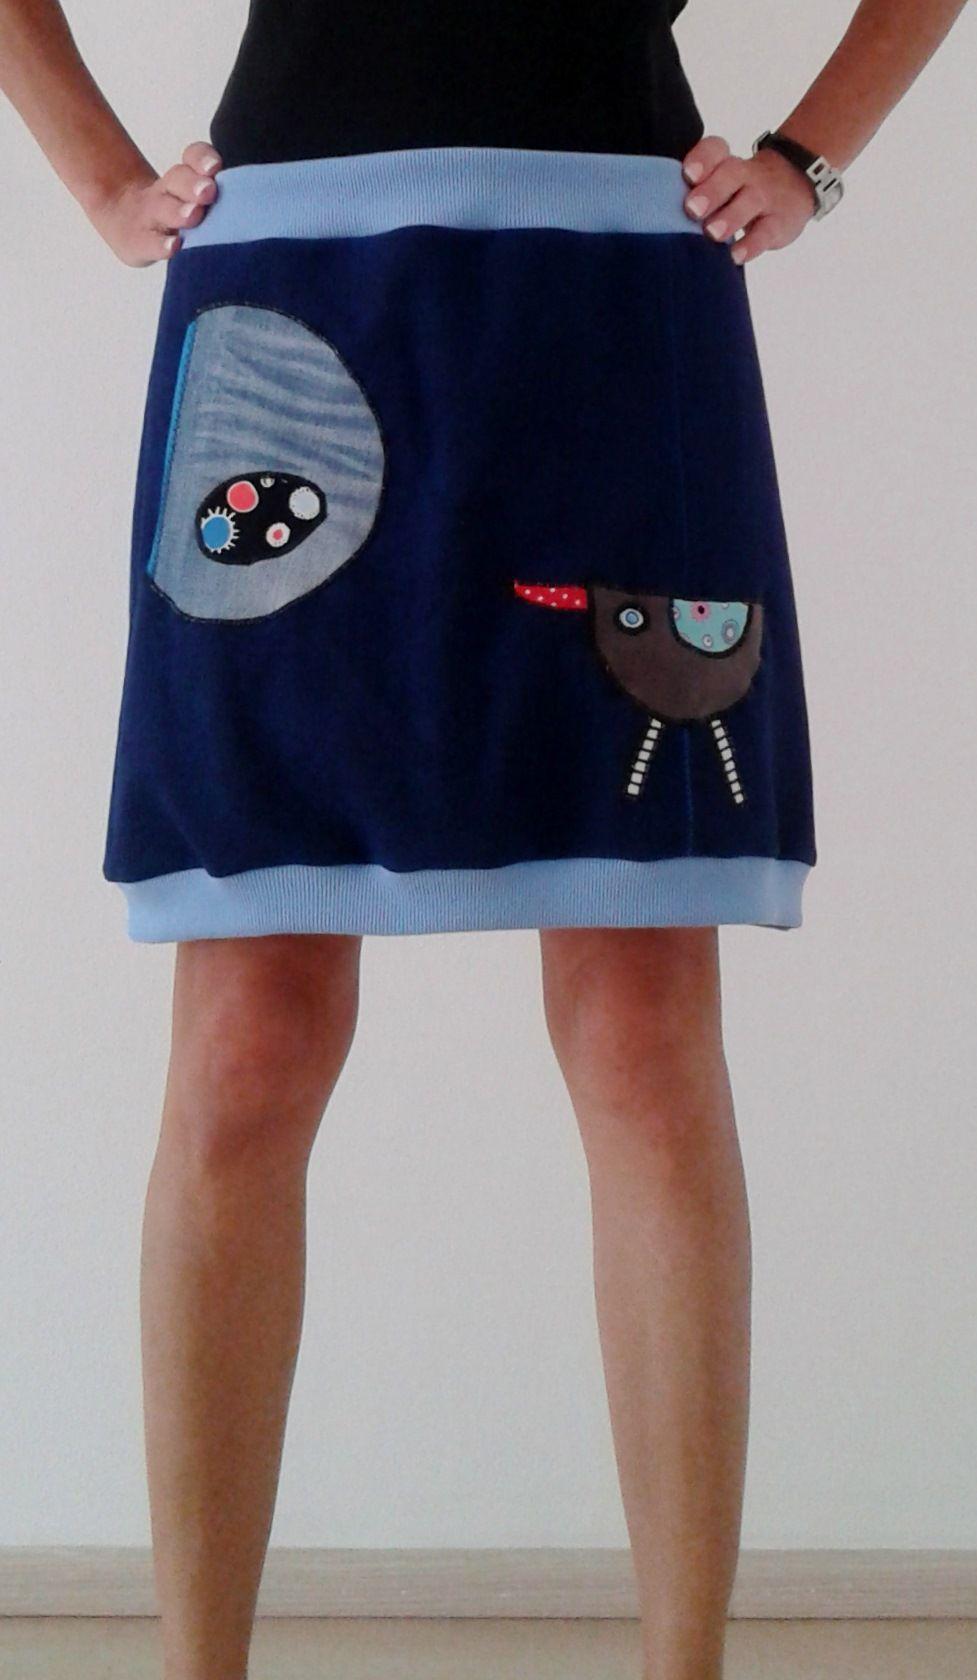 ce0f335179c Úpletová sukně s ptáčkem a kapsou Originální sukně ušitá ze silnějšího  tmavěmodrého nepružného úpletu (100% bavlna)